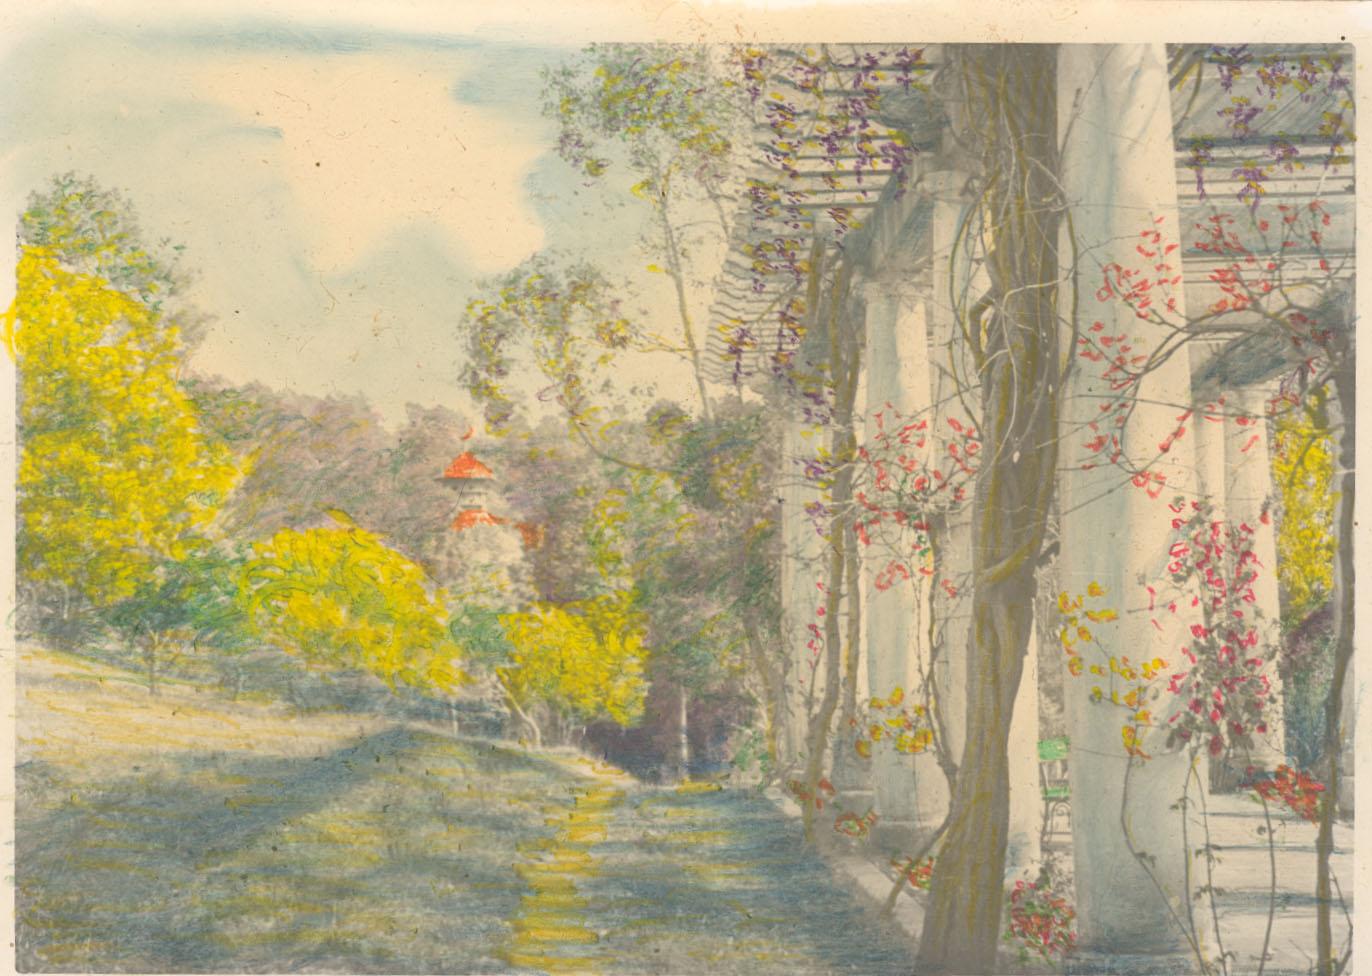 Parlons patrimoine : le Domaine du Rayol dans l'art des Jardins